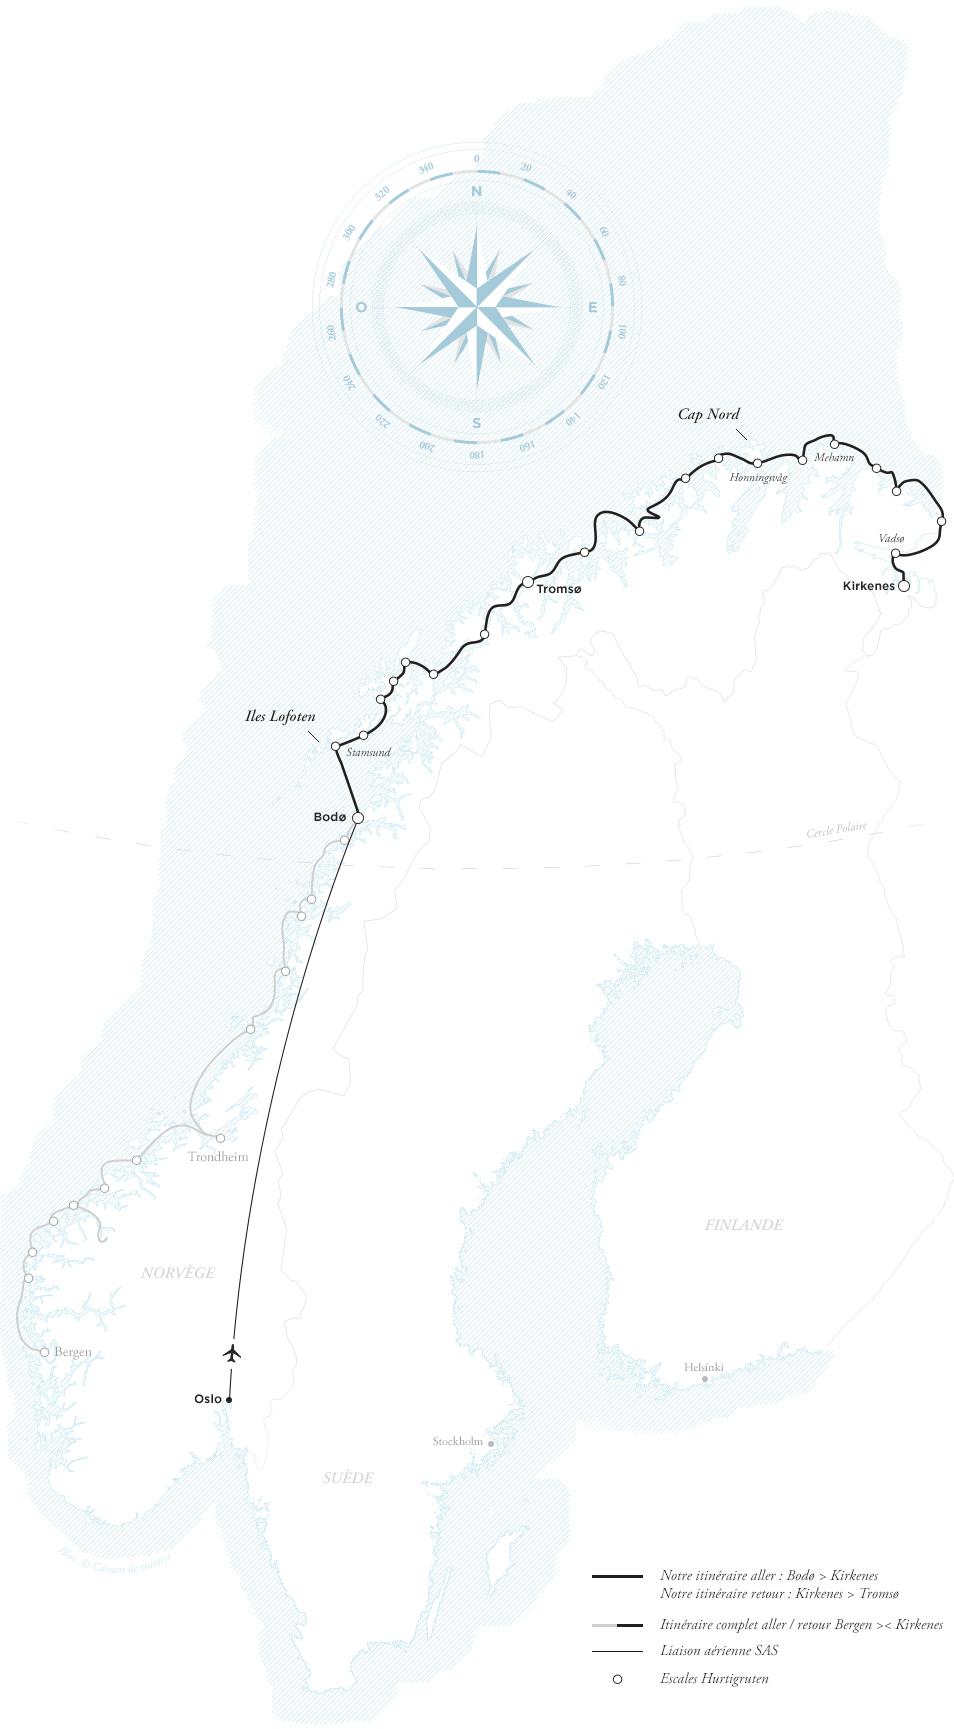 Carte et Itinéraire de Norvège. Croisière Hurtigruten